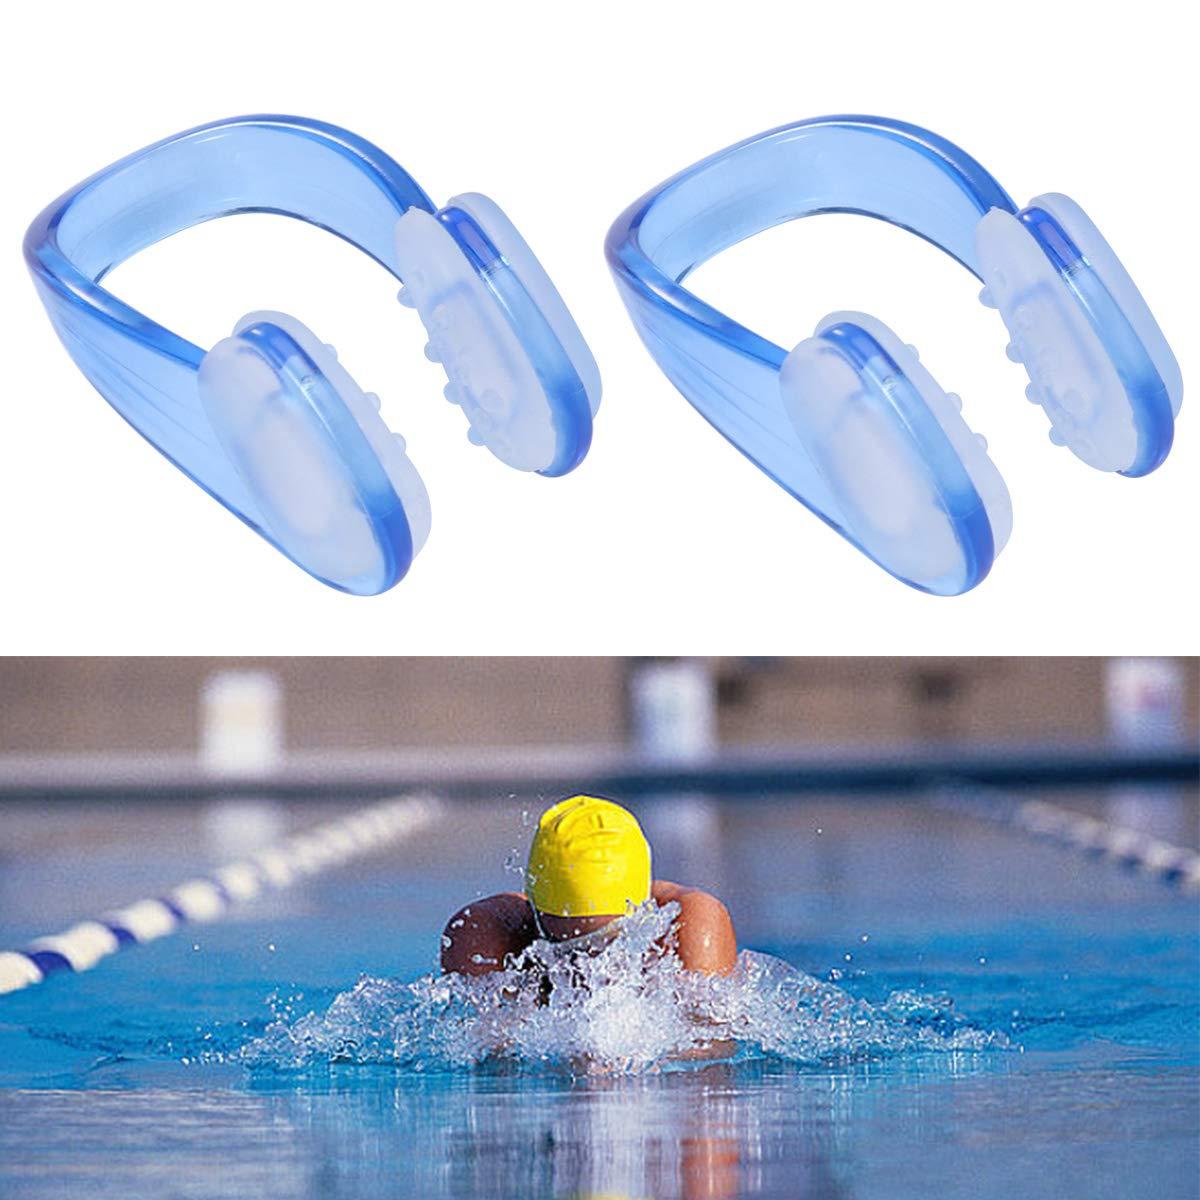 Azul LIOOBO 2pcs Pinzas de Nariz Clips de Nariz de Nataci/ón de Silicona a Prueba de Agua Protector de Nariz de Nataci/ón para ni/ños